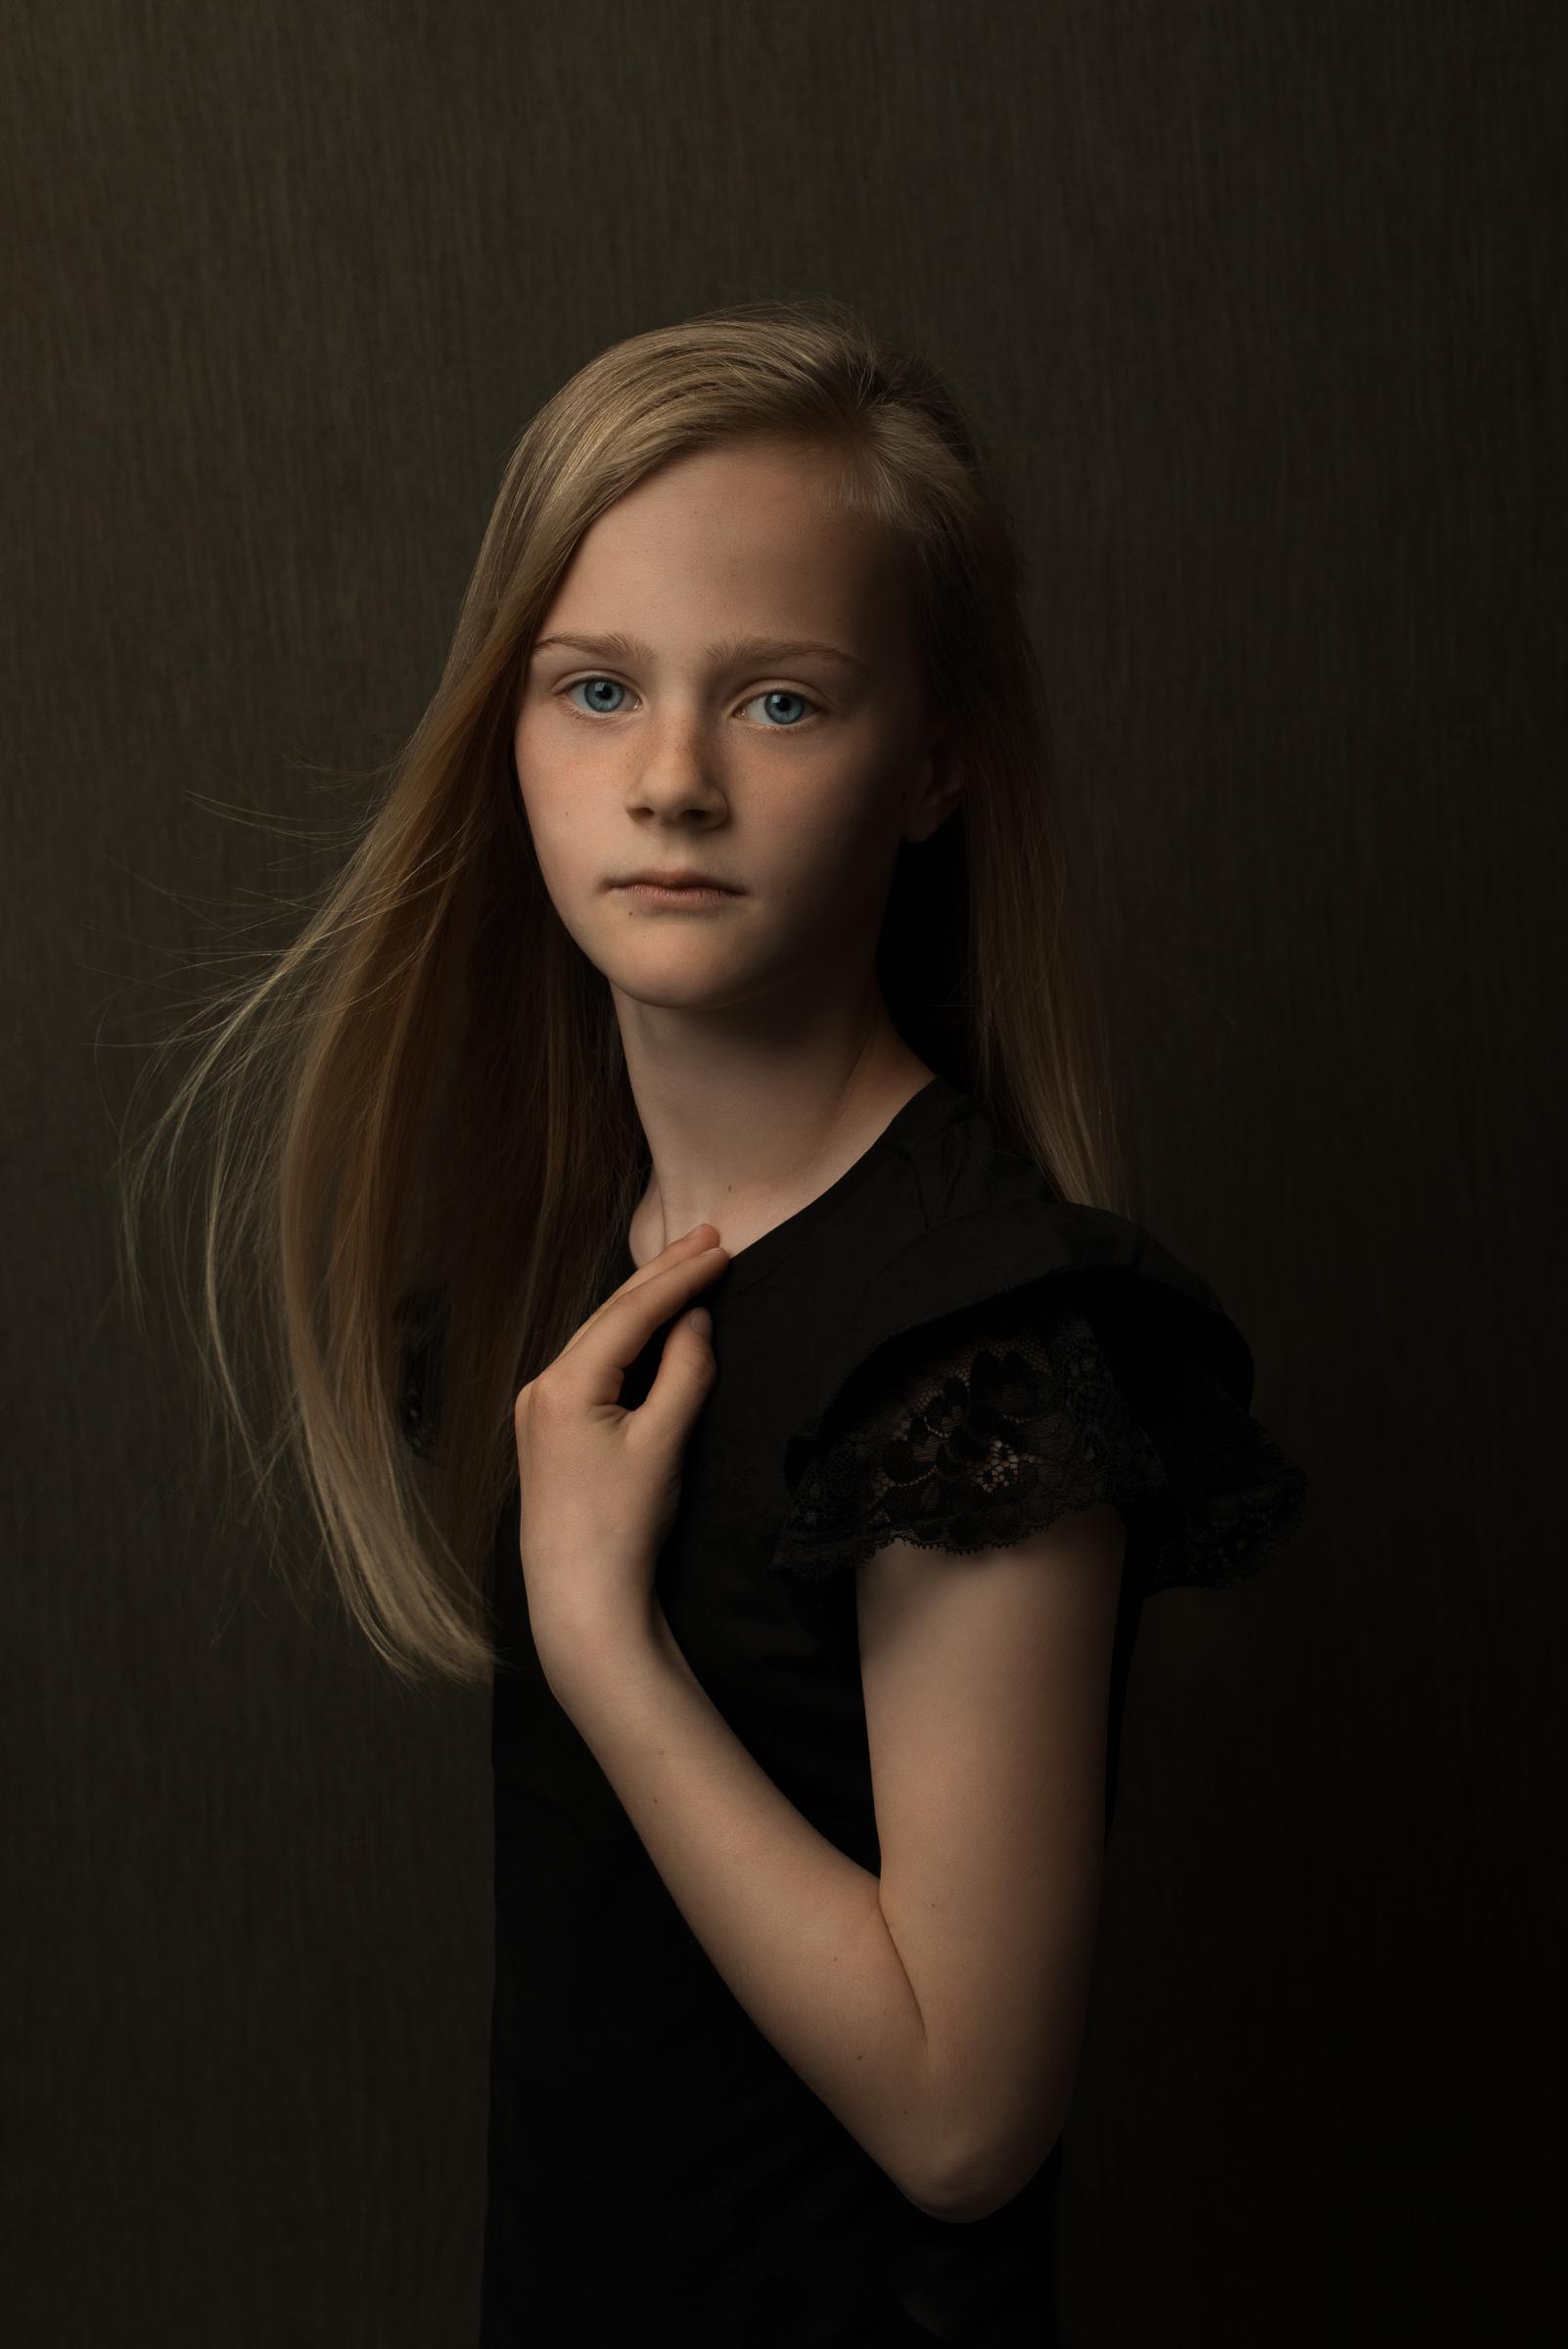 portret kind